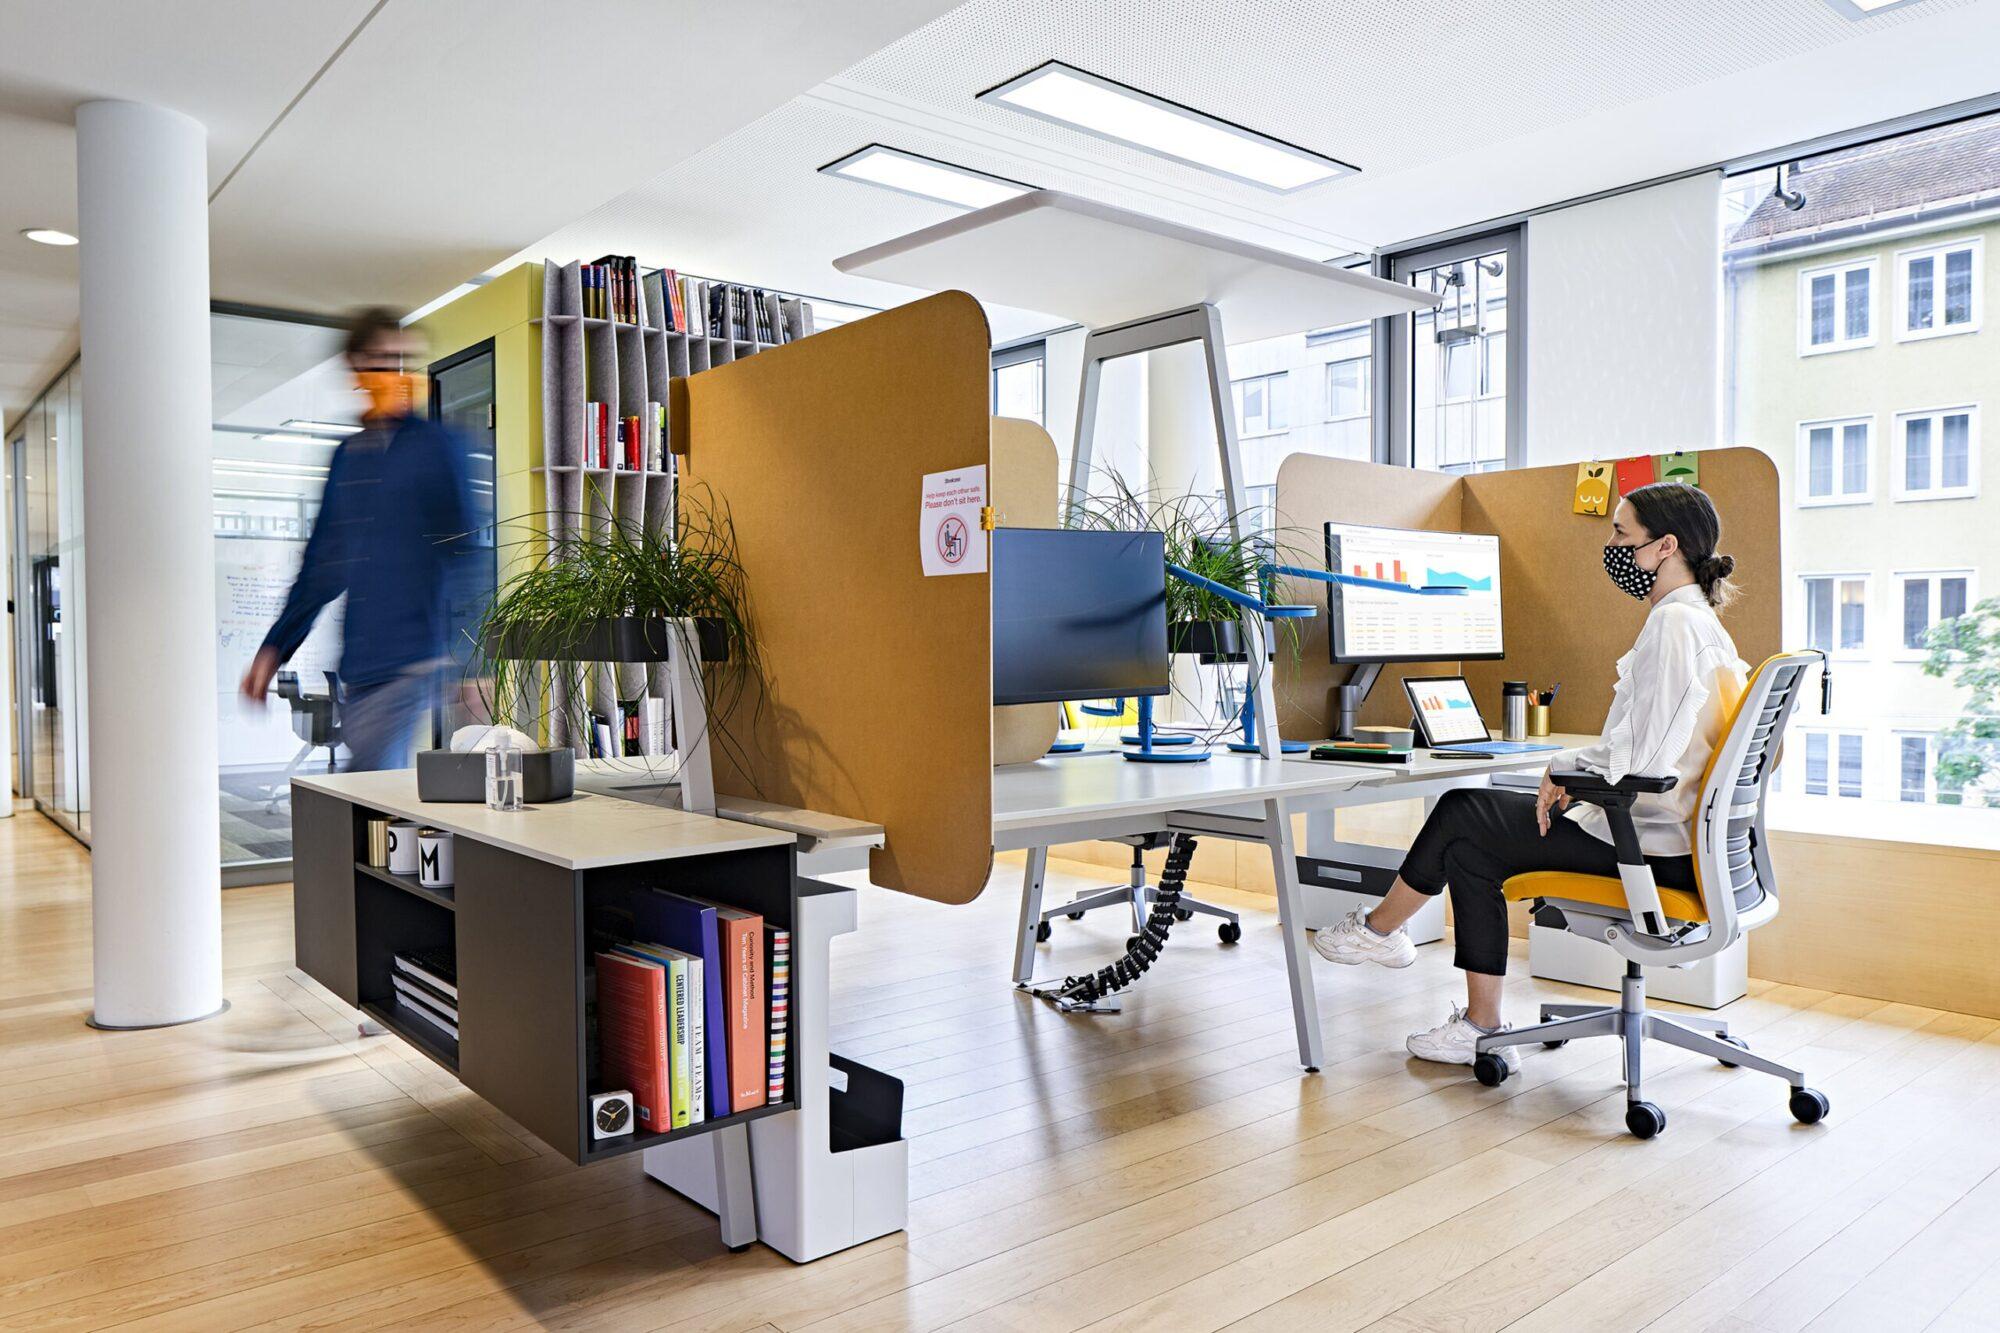 Zurück im Büro – das neue Normal. │ Wie die Pandemie unser Denken über Arbeit verändert. │ feco-feederle GmbH Karlsruhe